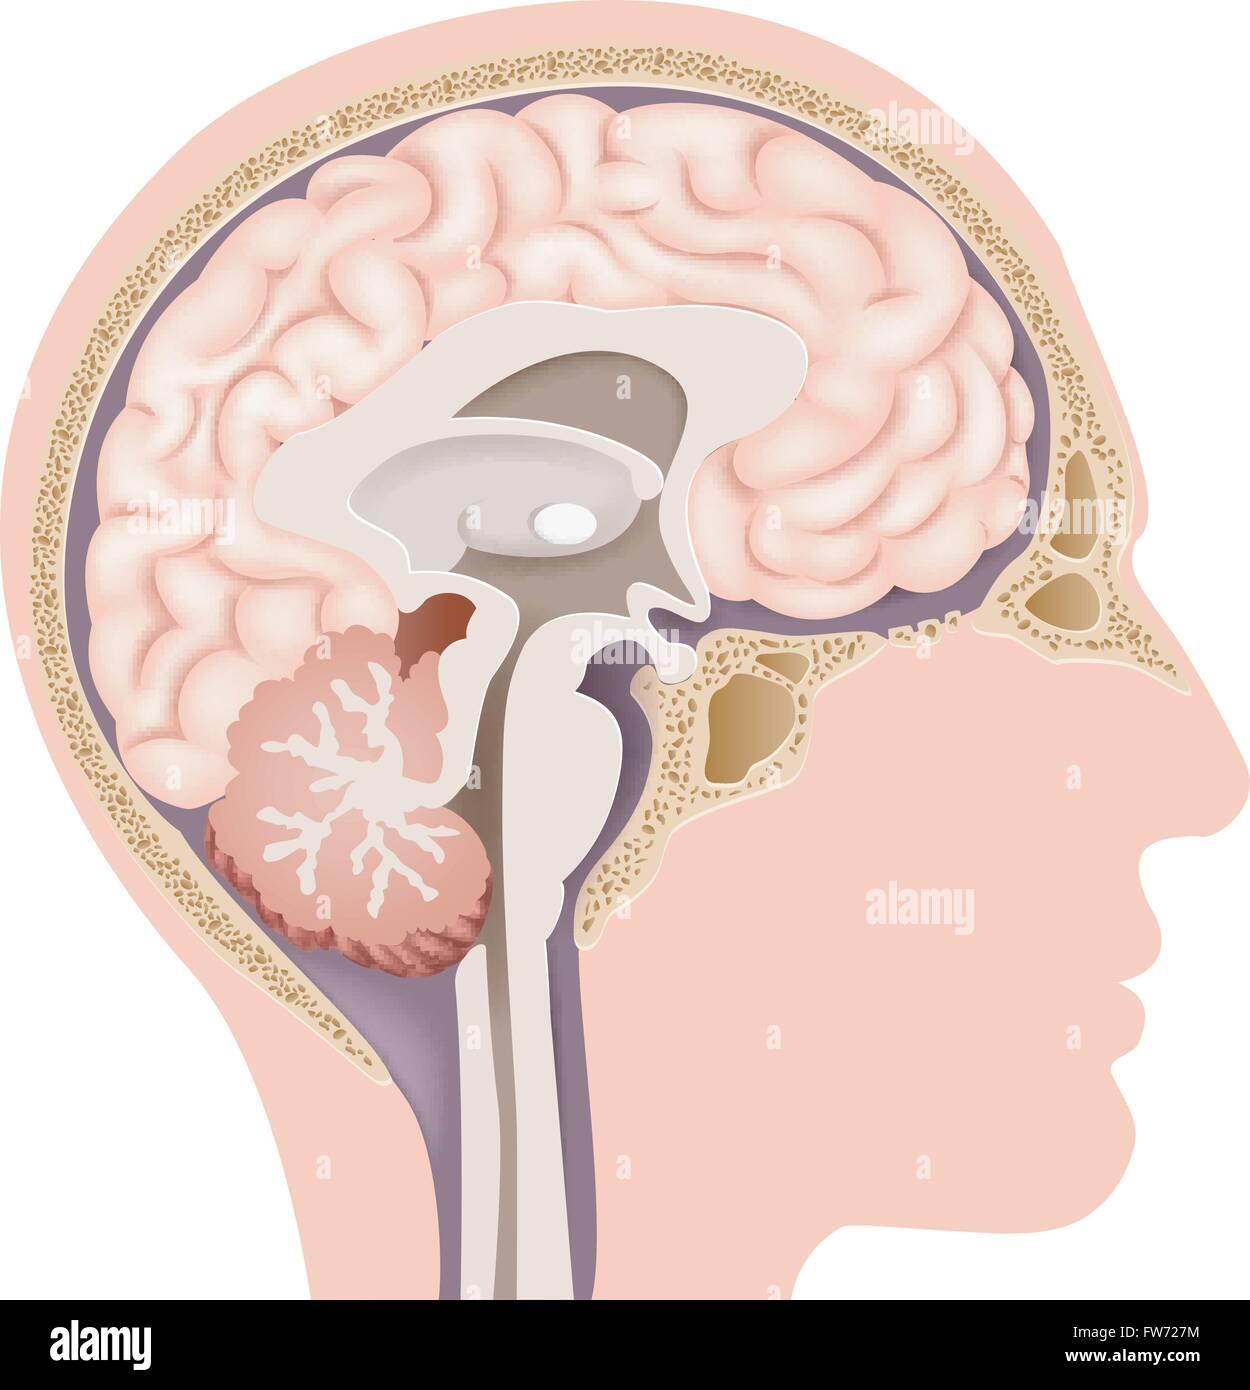 Ilustração do cérebro humano anatomia interna Ilustração do Vetor ...